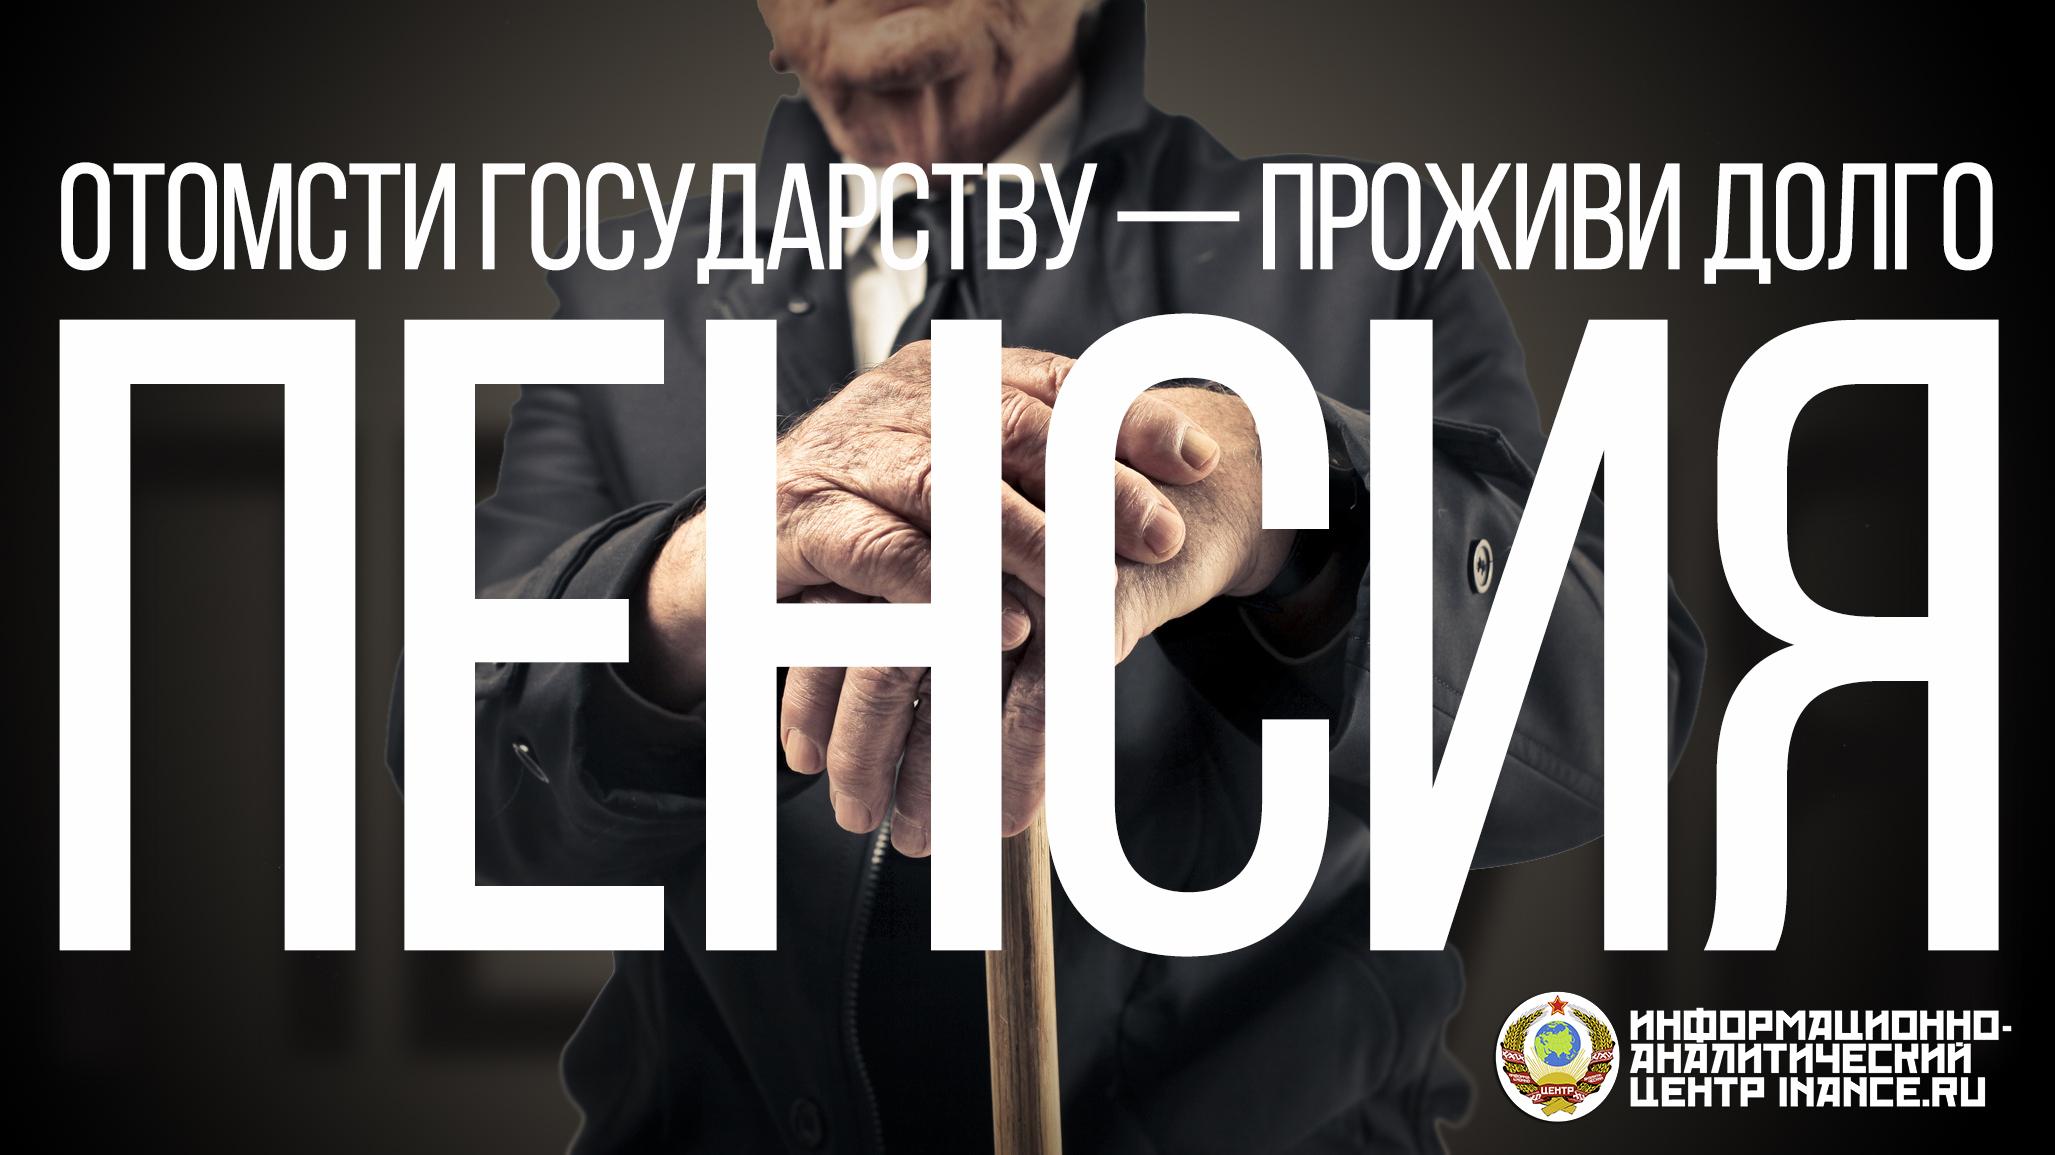 6e550cf5b47 Правила жизни для России от МВФ — повышение пенсионного возраста и ...